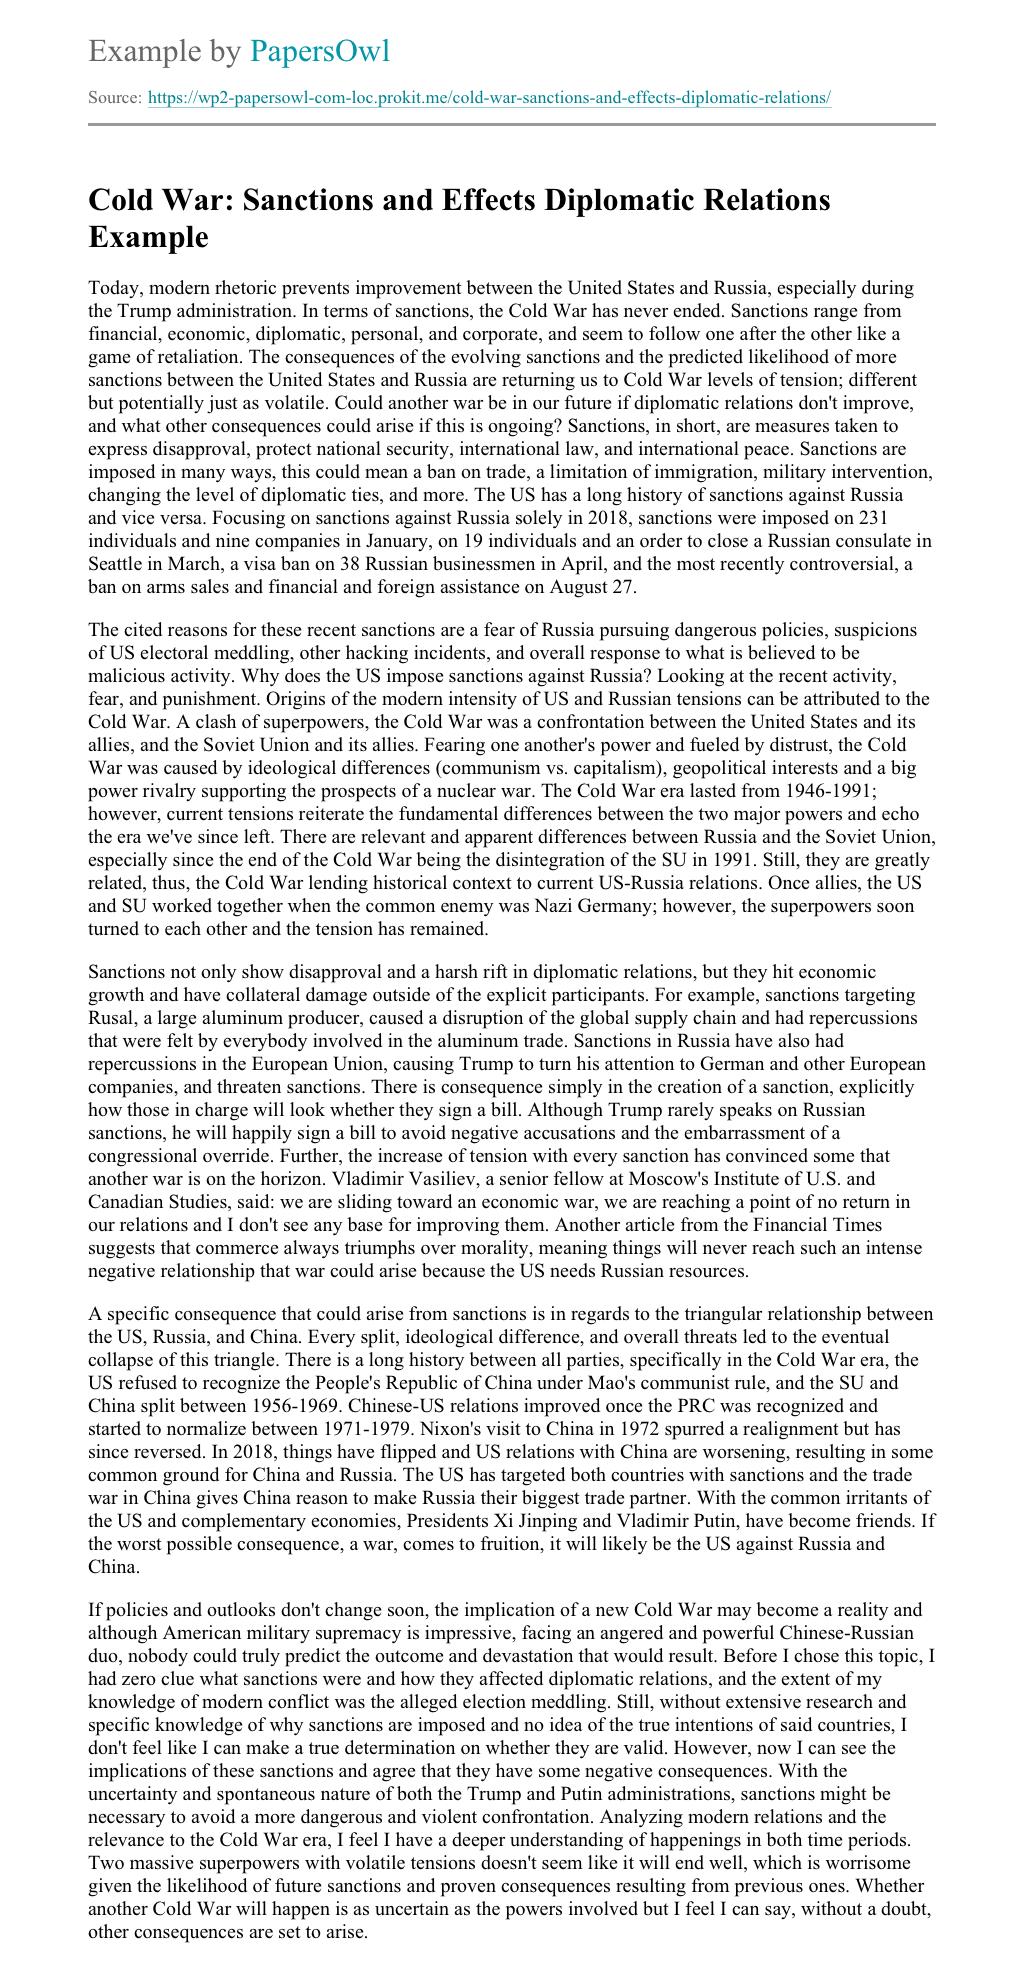 pms essay paper 2013